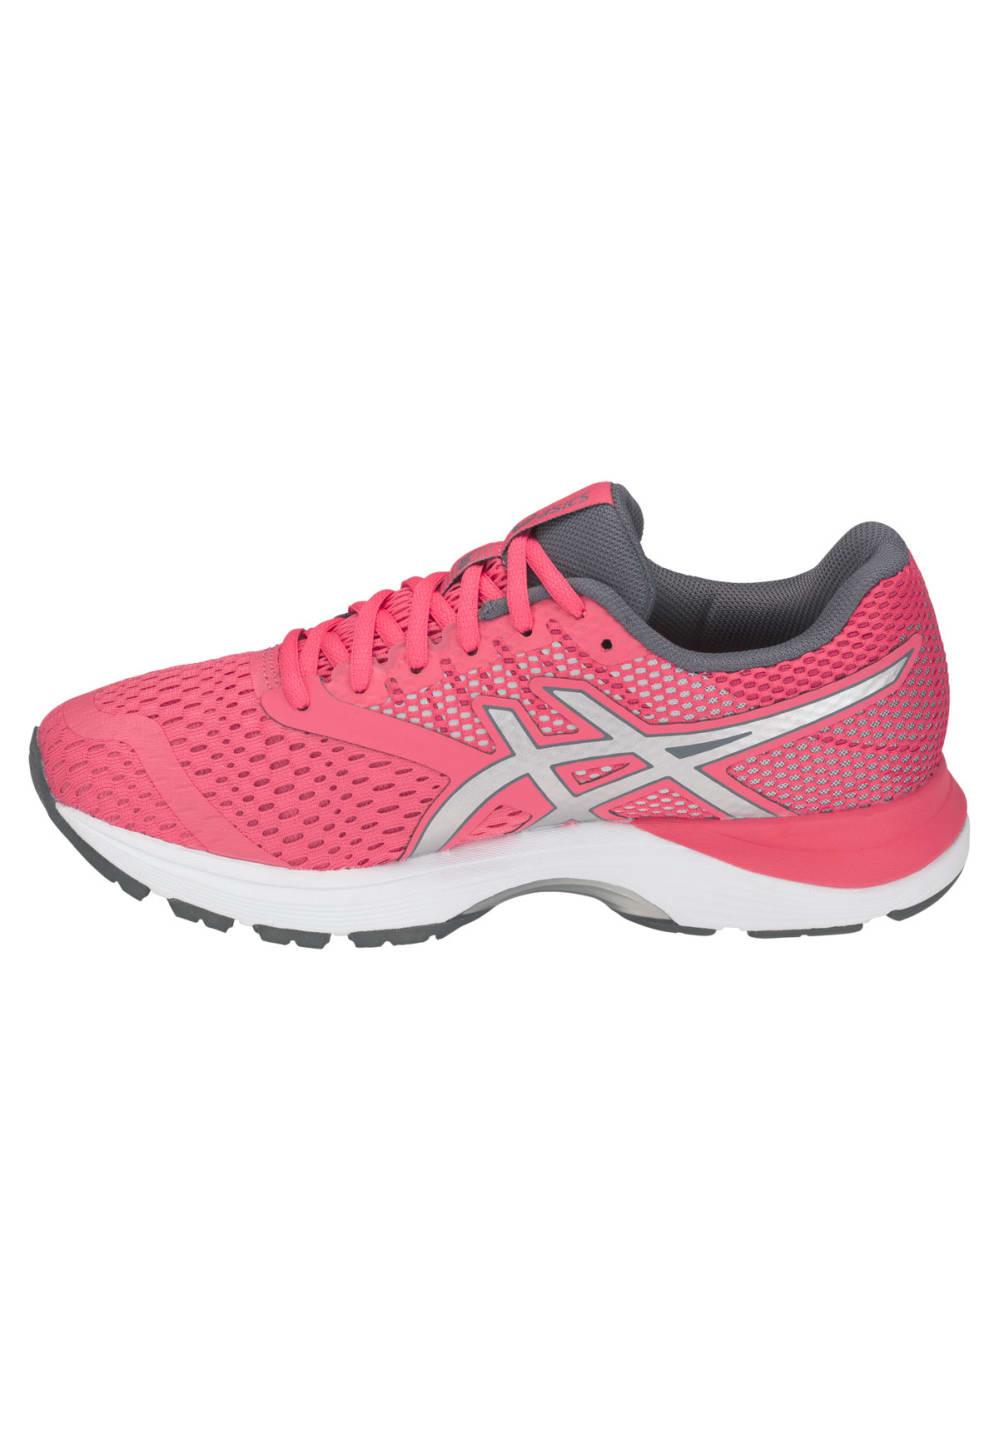 3e7c30830 ASICS GEL-PULSE 10 - Running shoes for Women - Pink   21RUN